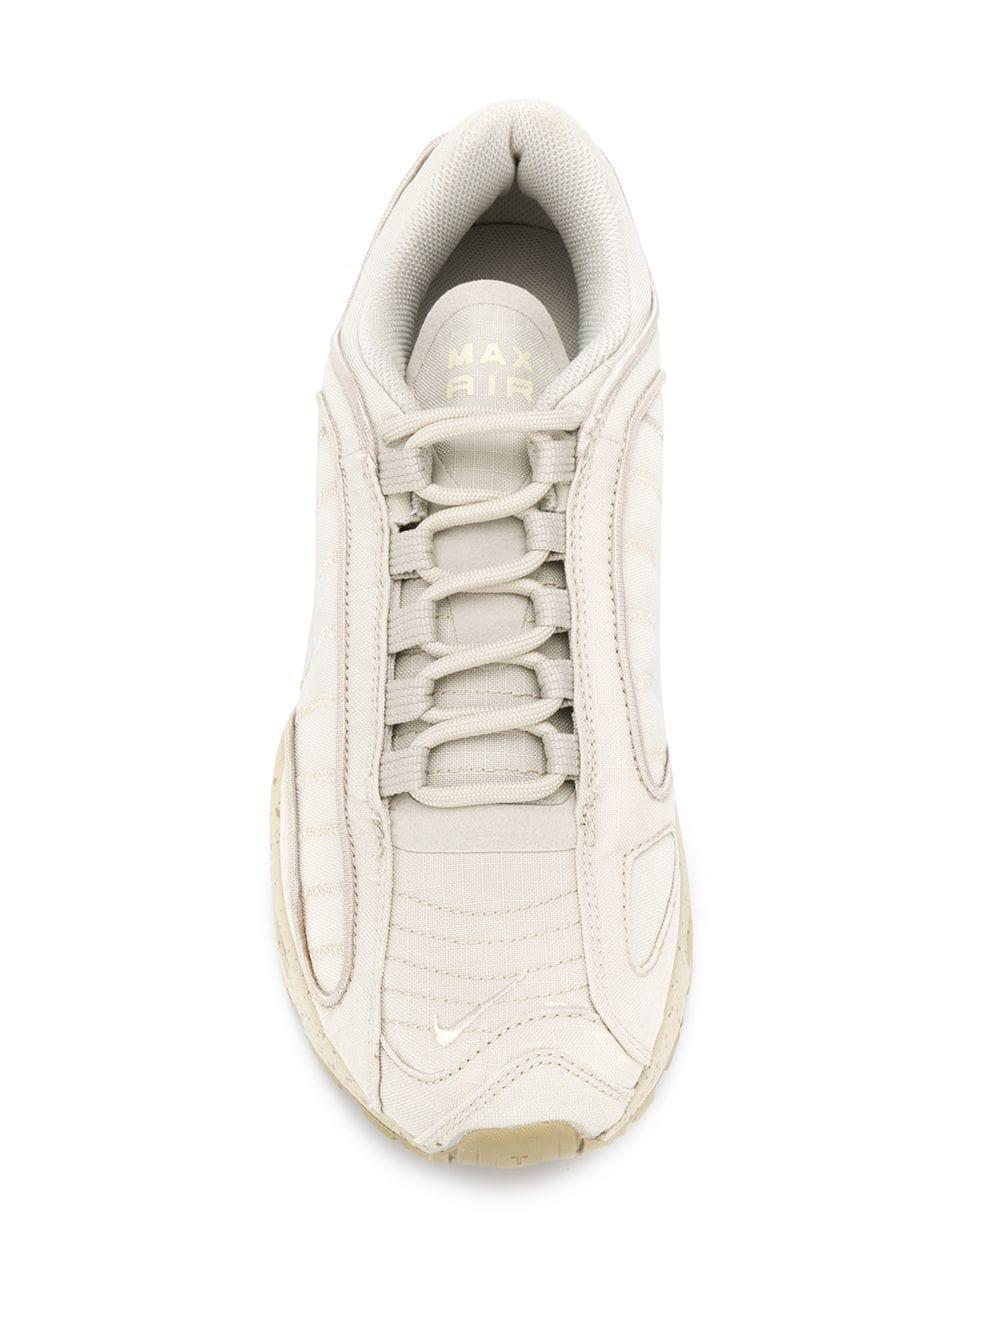 Zapatillas Air Max Tailwind Nike de Cuero de color Blanco para hombre